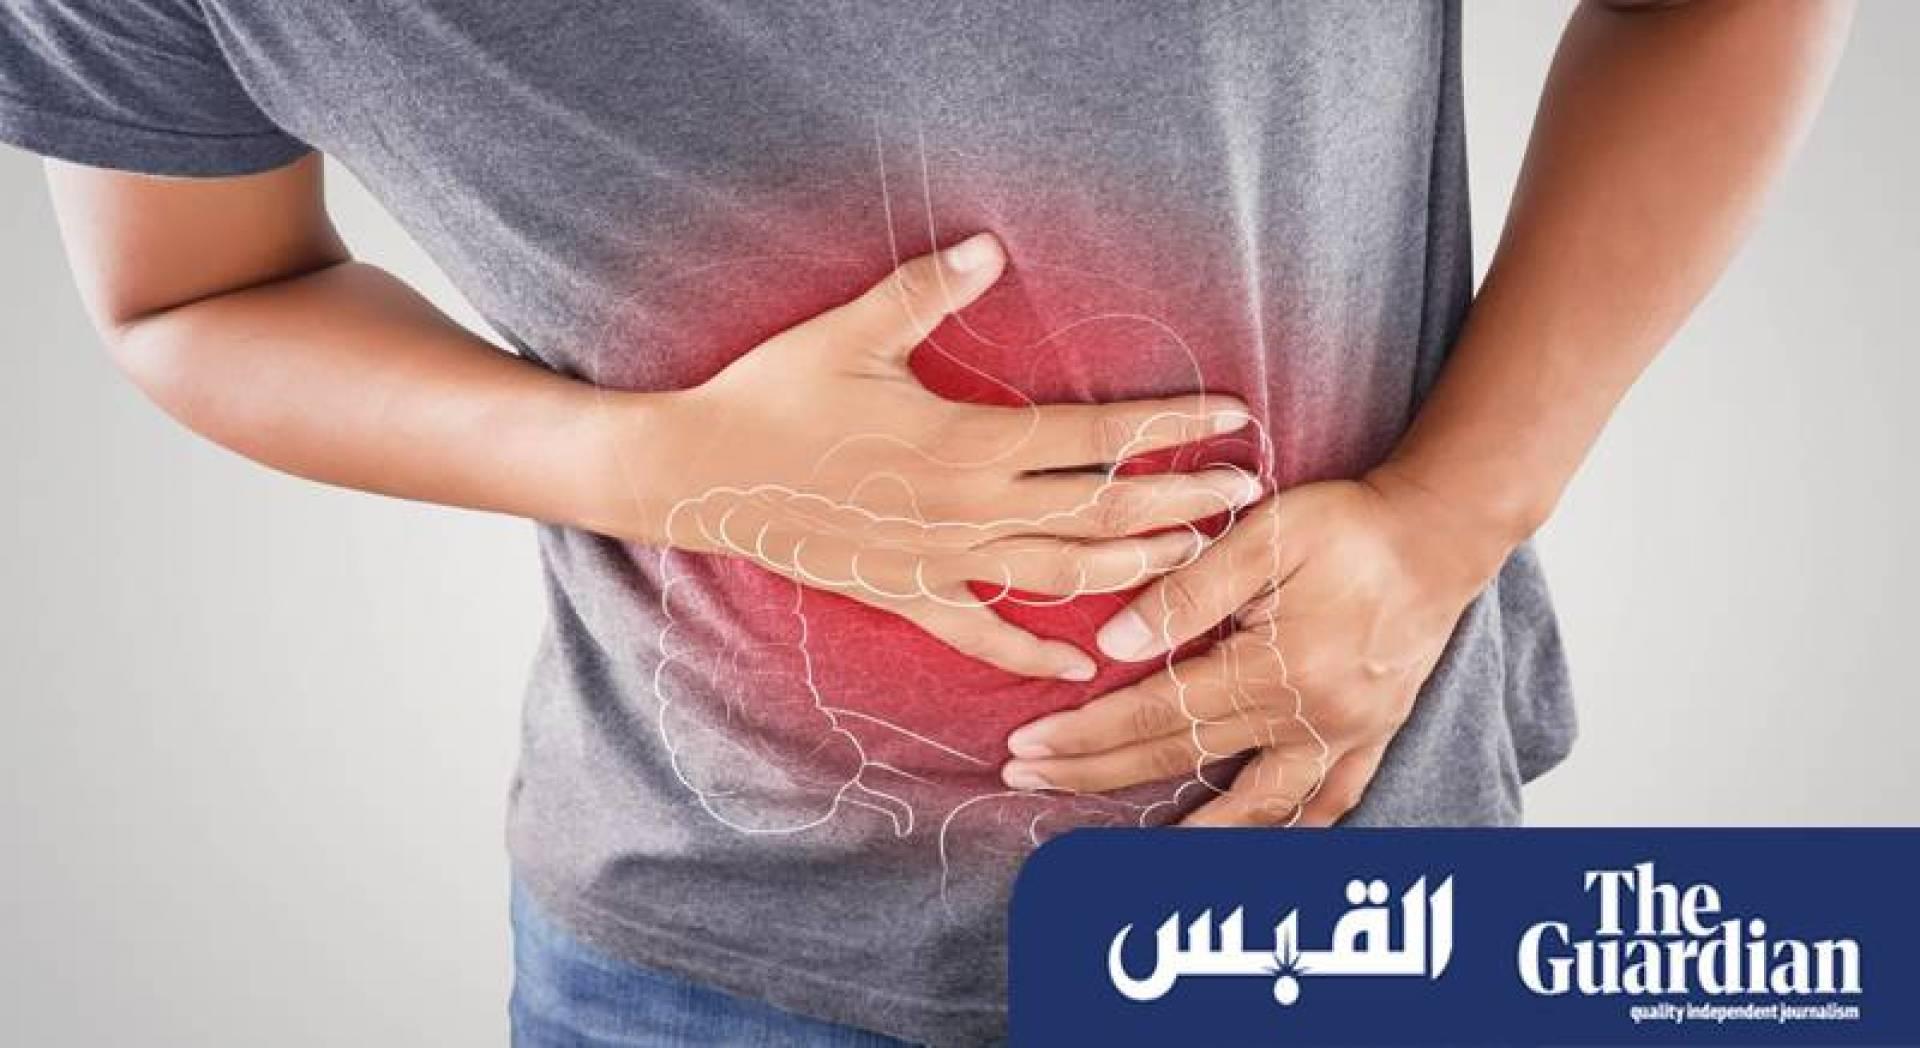 التهاب الأمعاء يزيد الإصابة بالخرف وألزهايمر